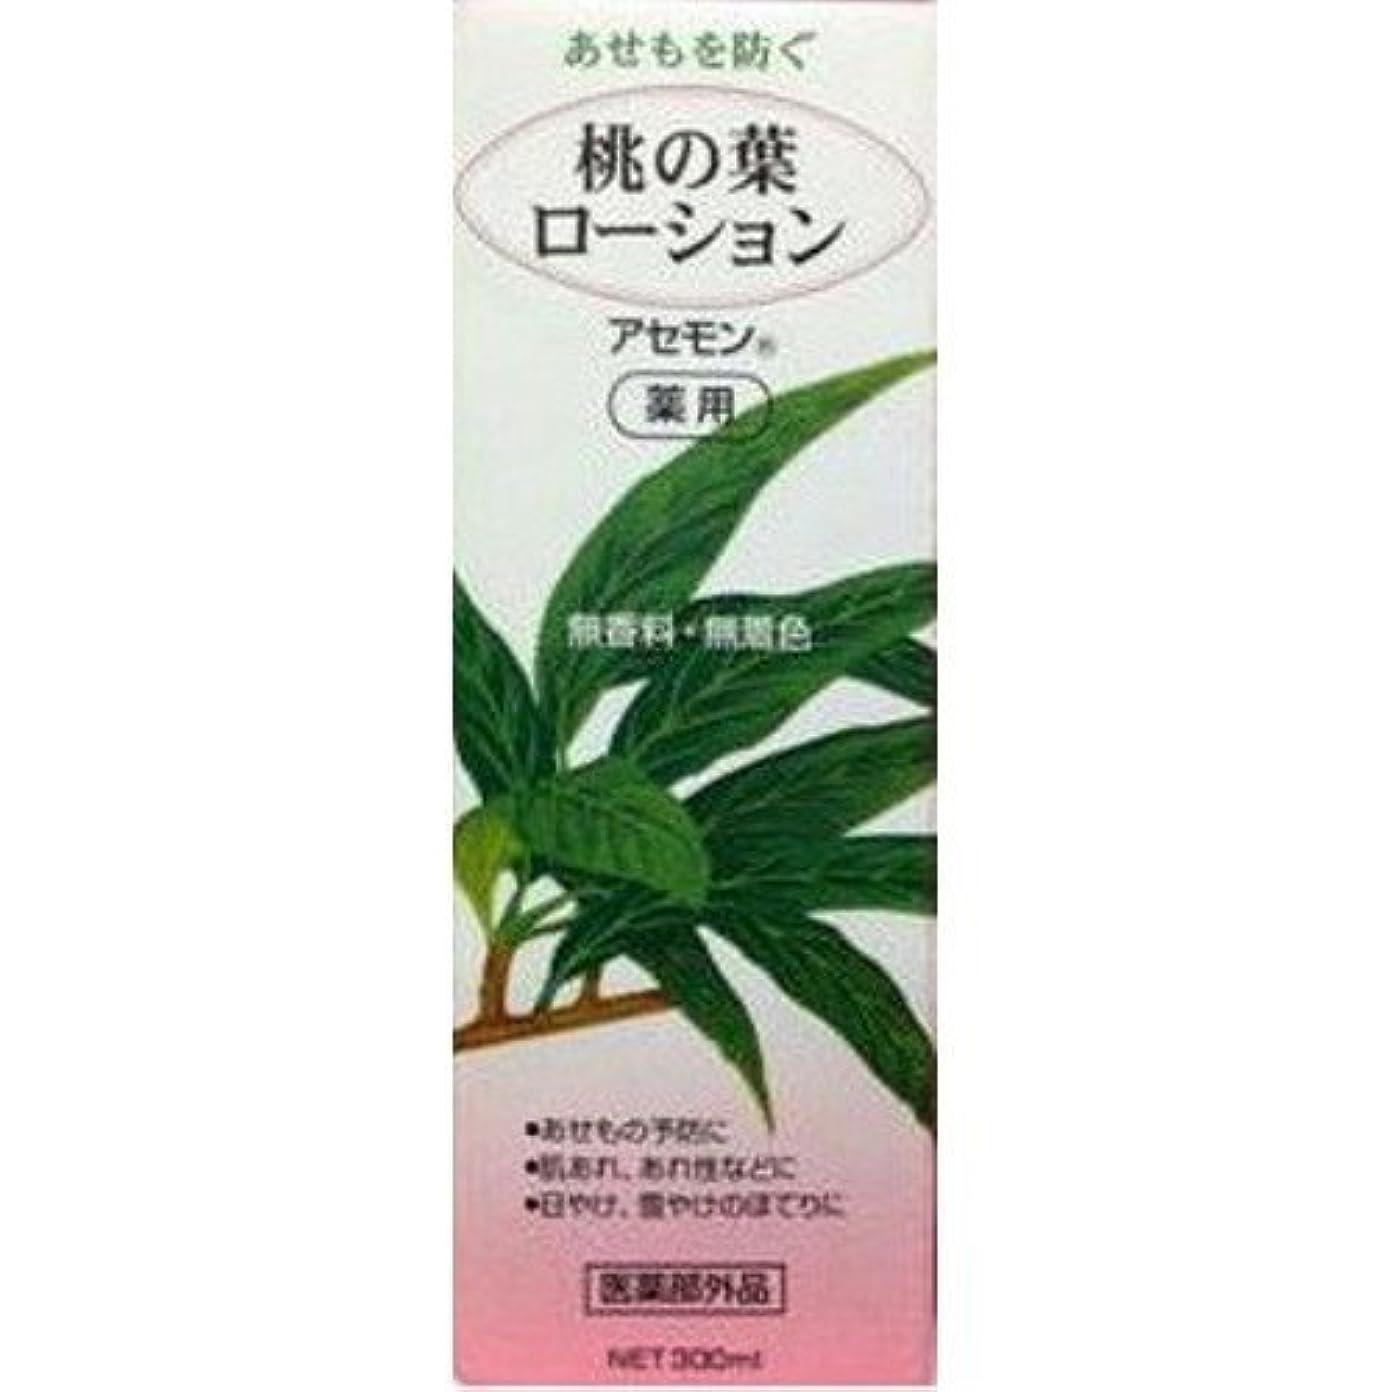 極端な馬力陽気なベルサンテ 薬用 桃の葉ローション アセモン 300ml